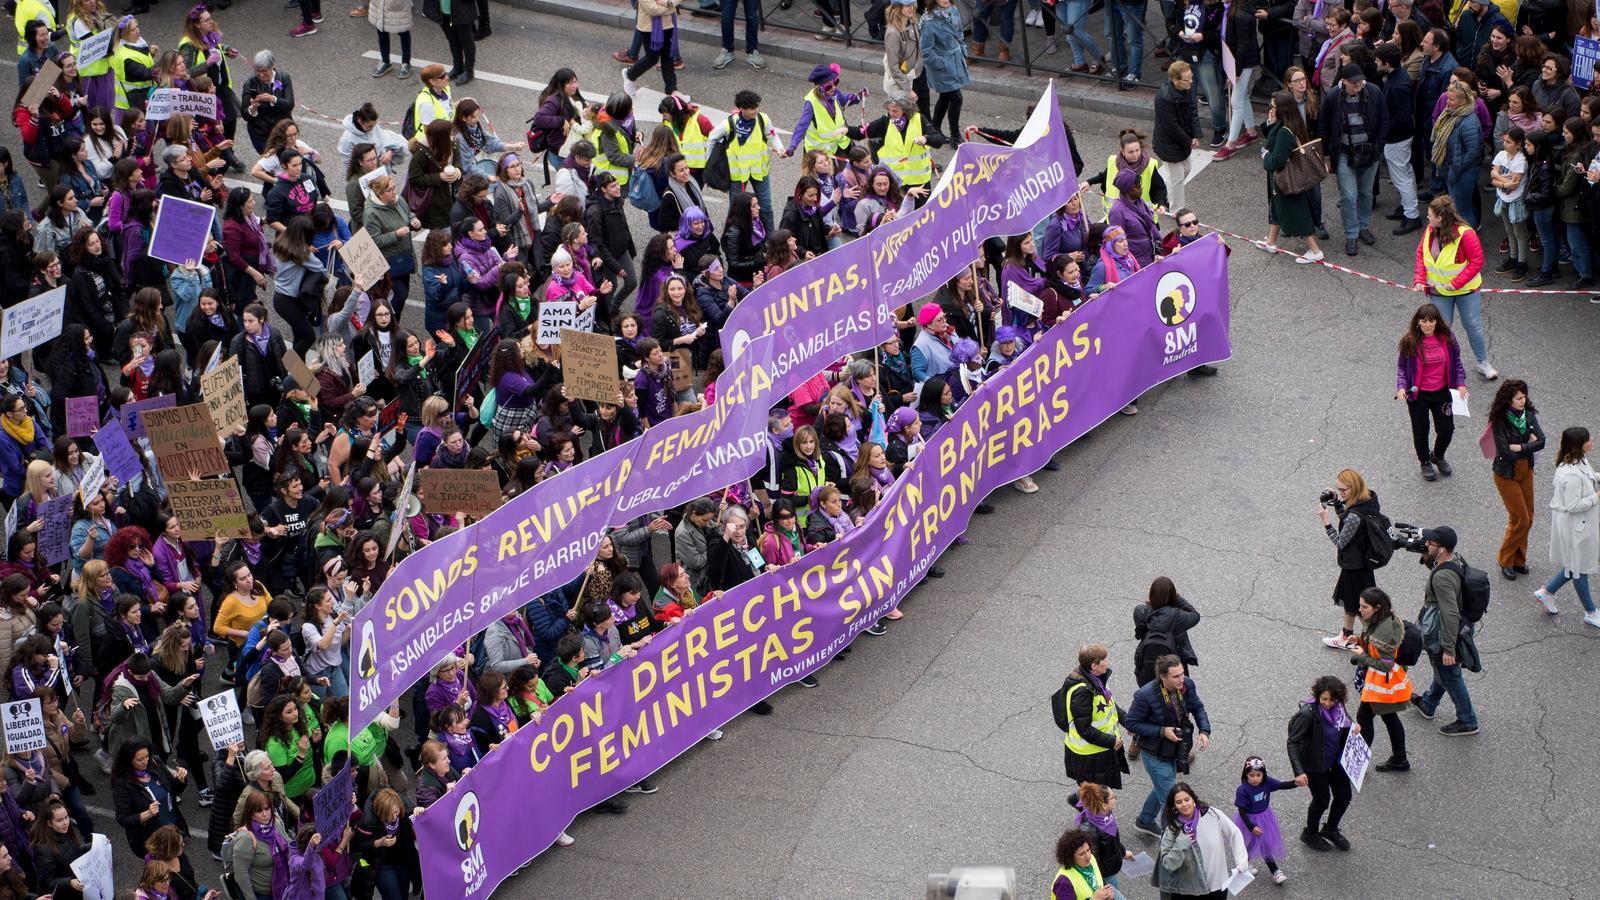 Una imatge de la capçalera de la manifestació del 8 de Març a Madrid